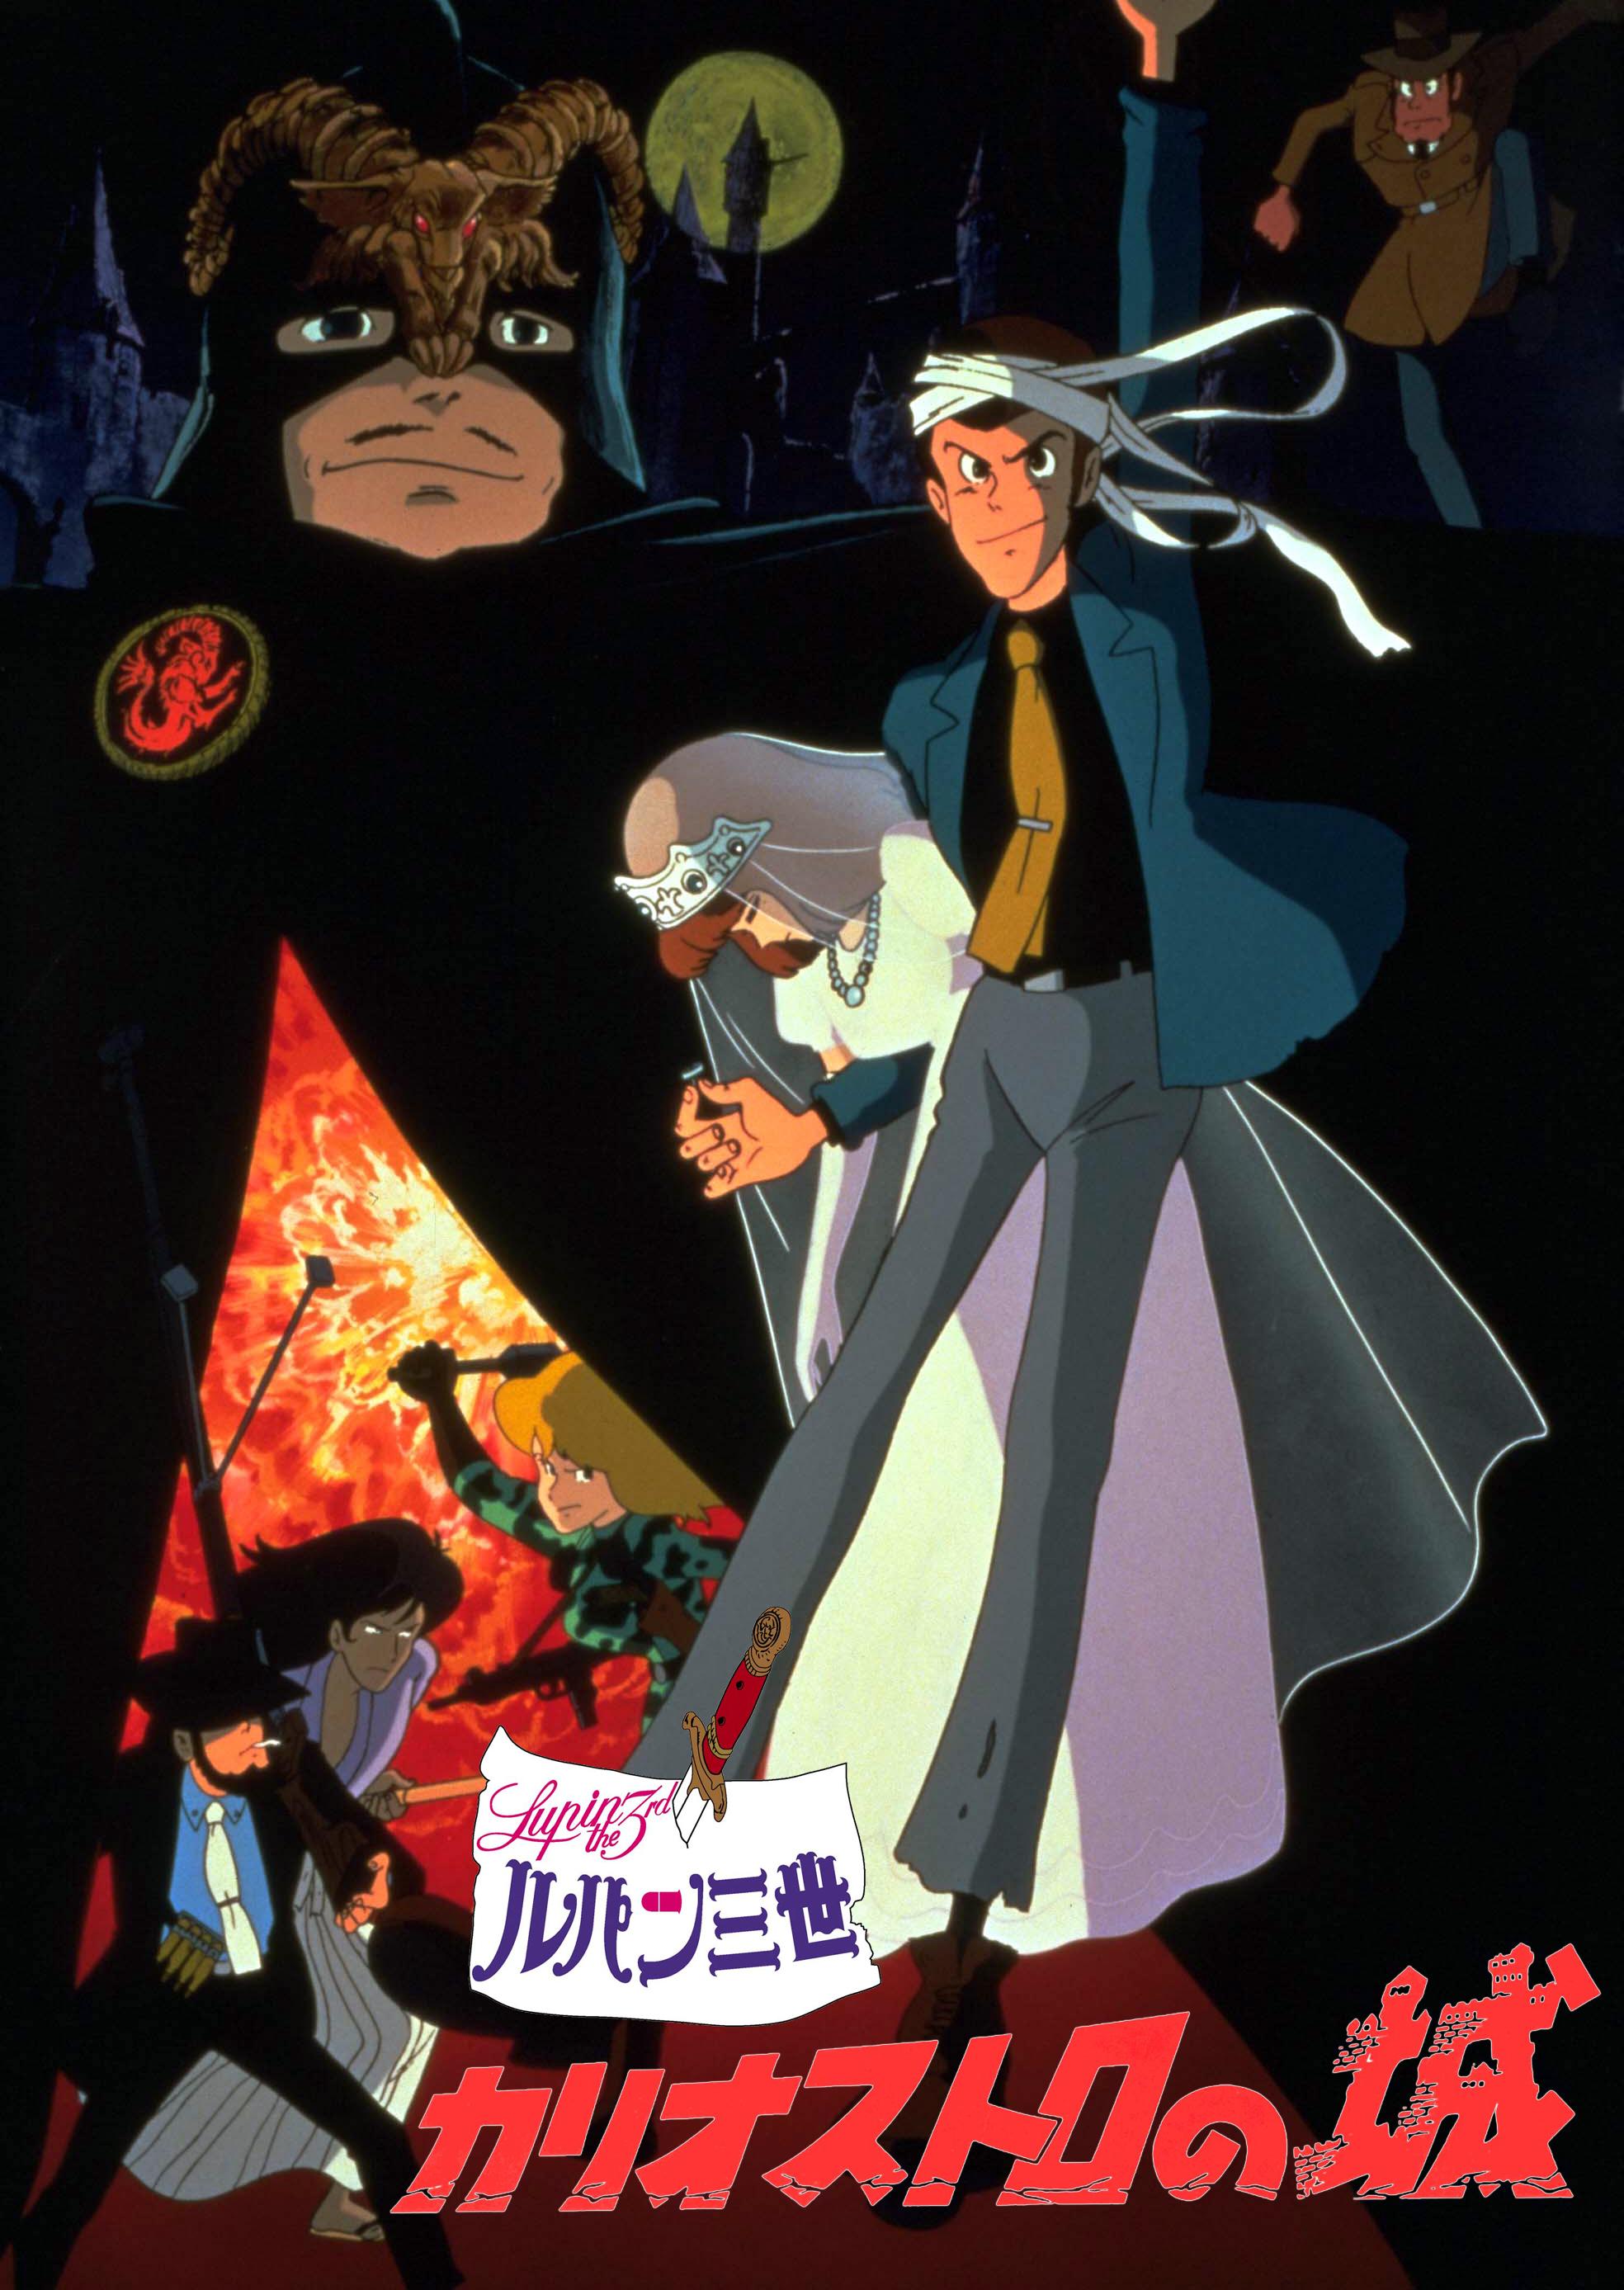 カリオストロ含む『ルパン三世』3作品がニコニコ動画で3夜連続放送!